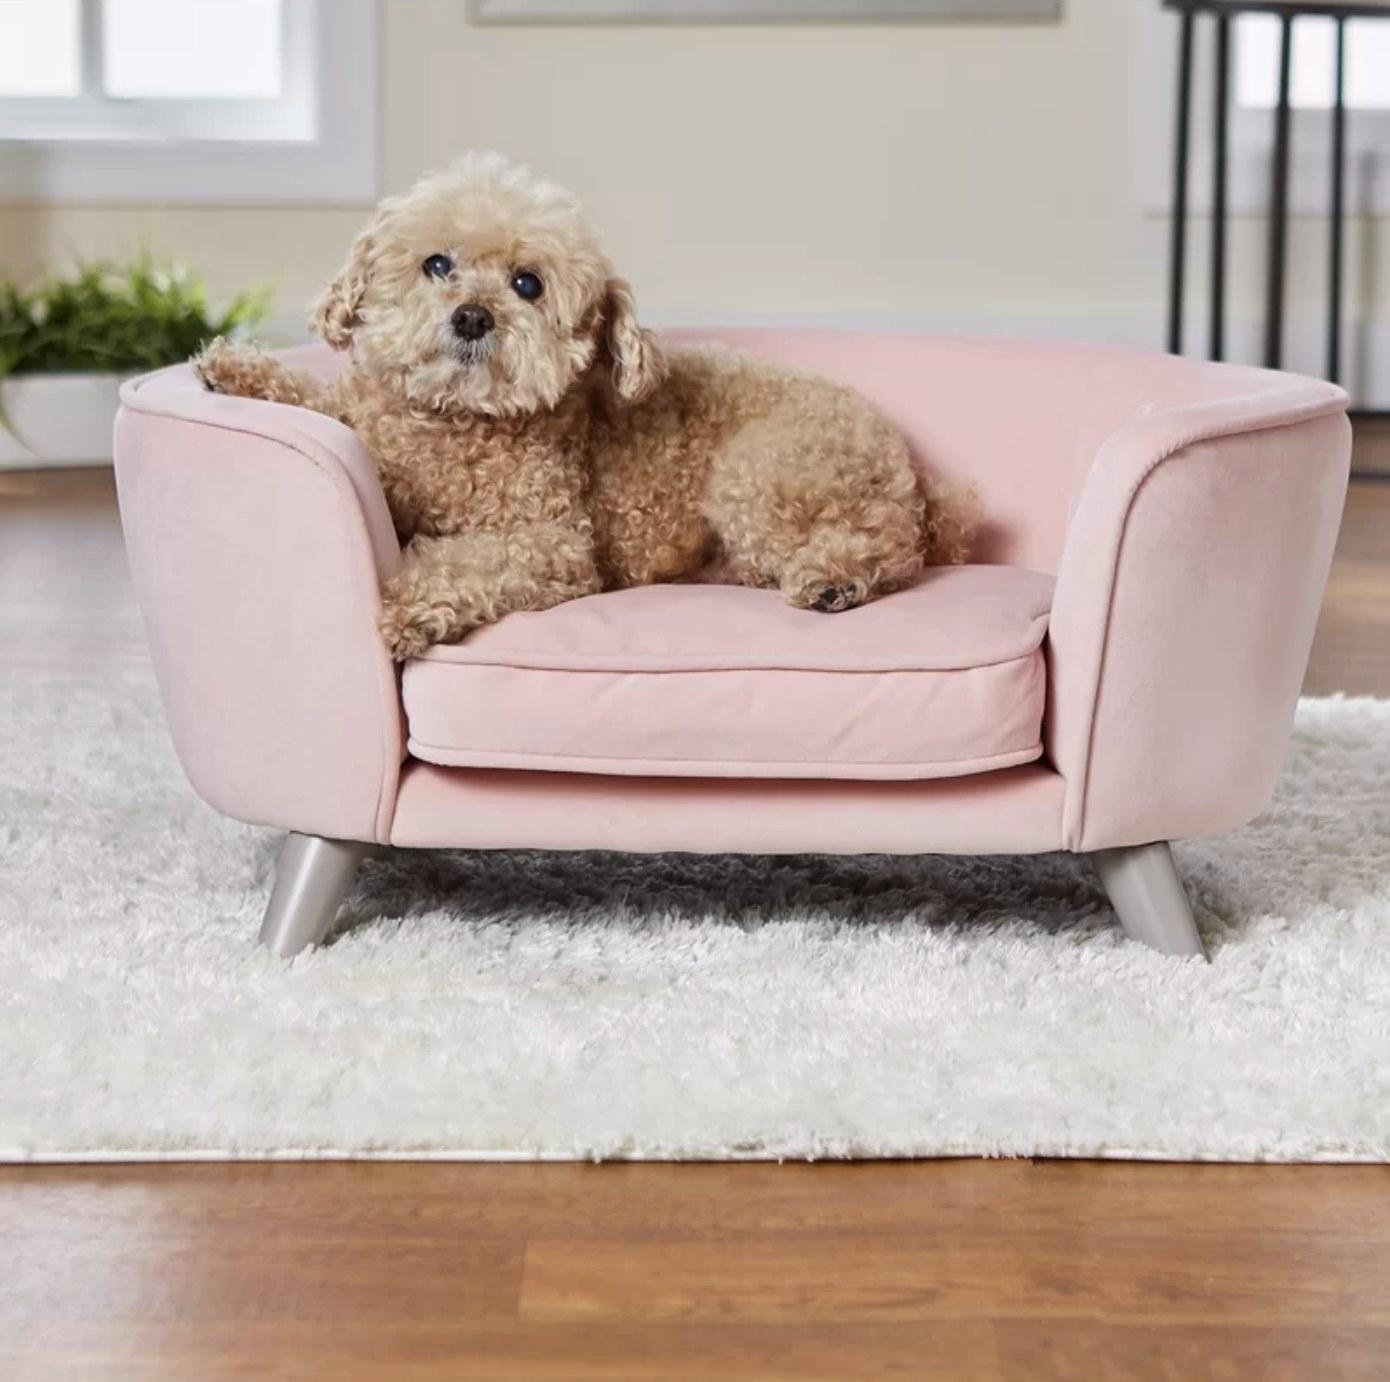 The dog sofa in blush